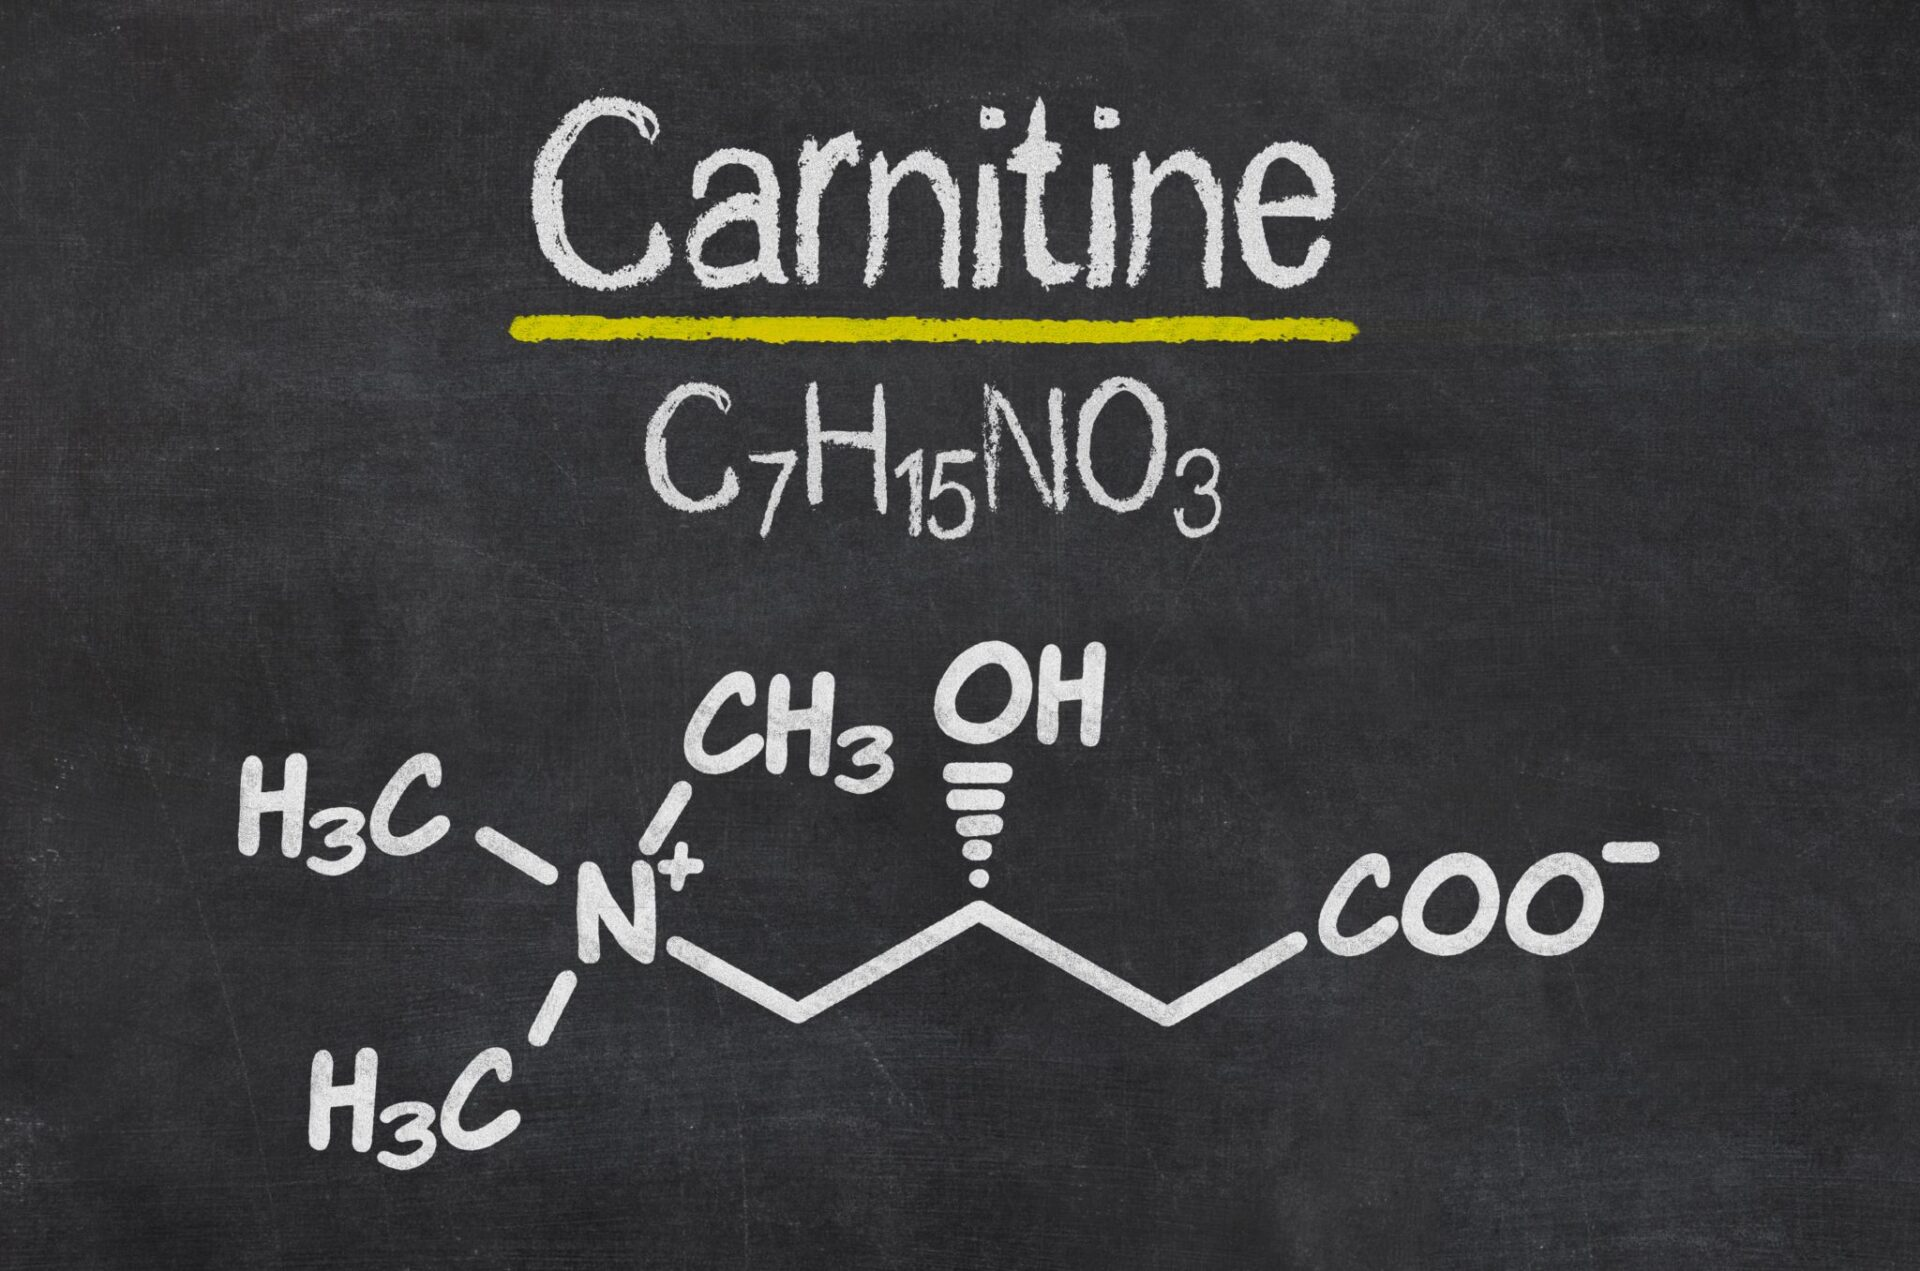 L-Carnitine-